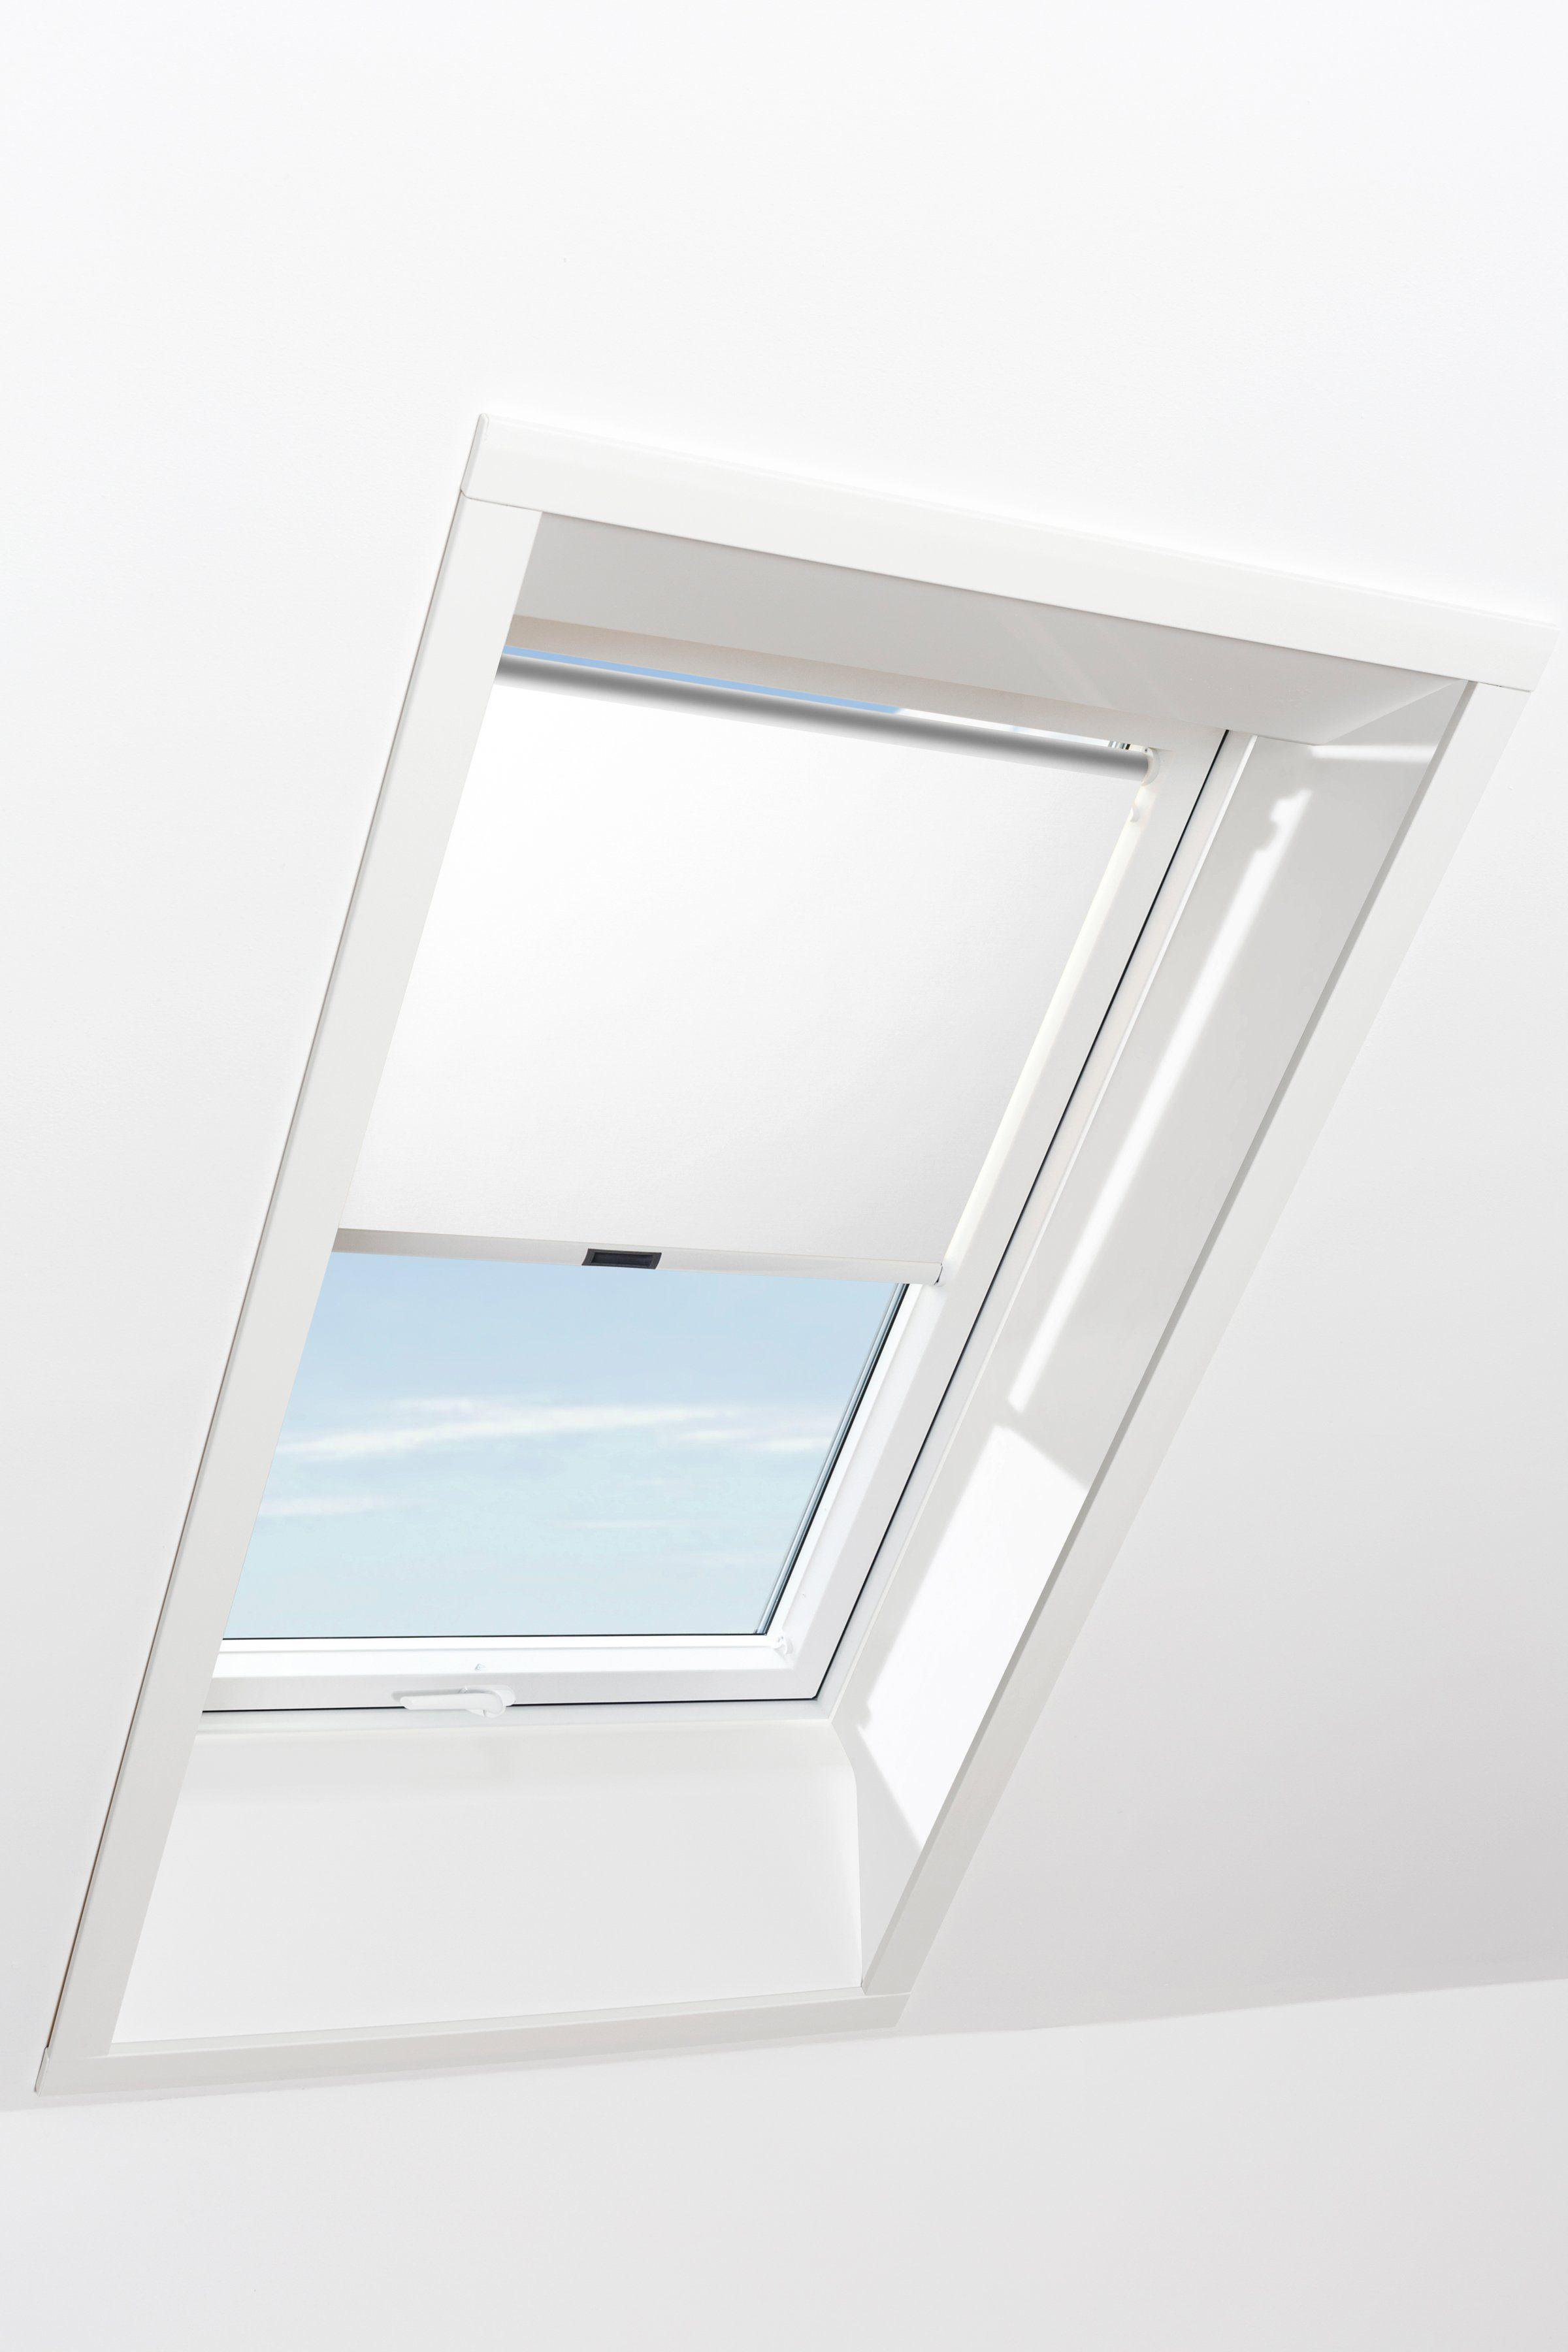 RORO Sichtschutzrollo »Typ SIRW1111«, BxL: 114x118 cm, weiß